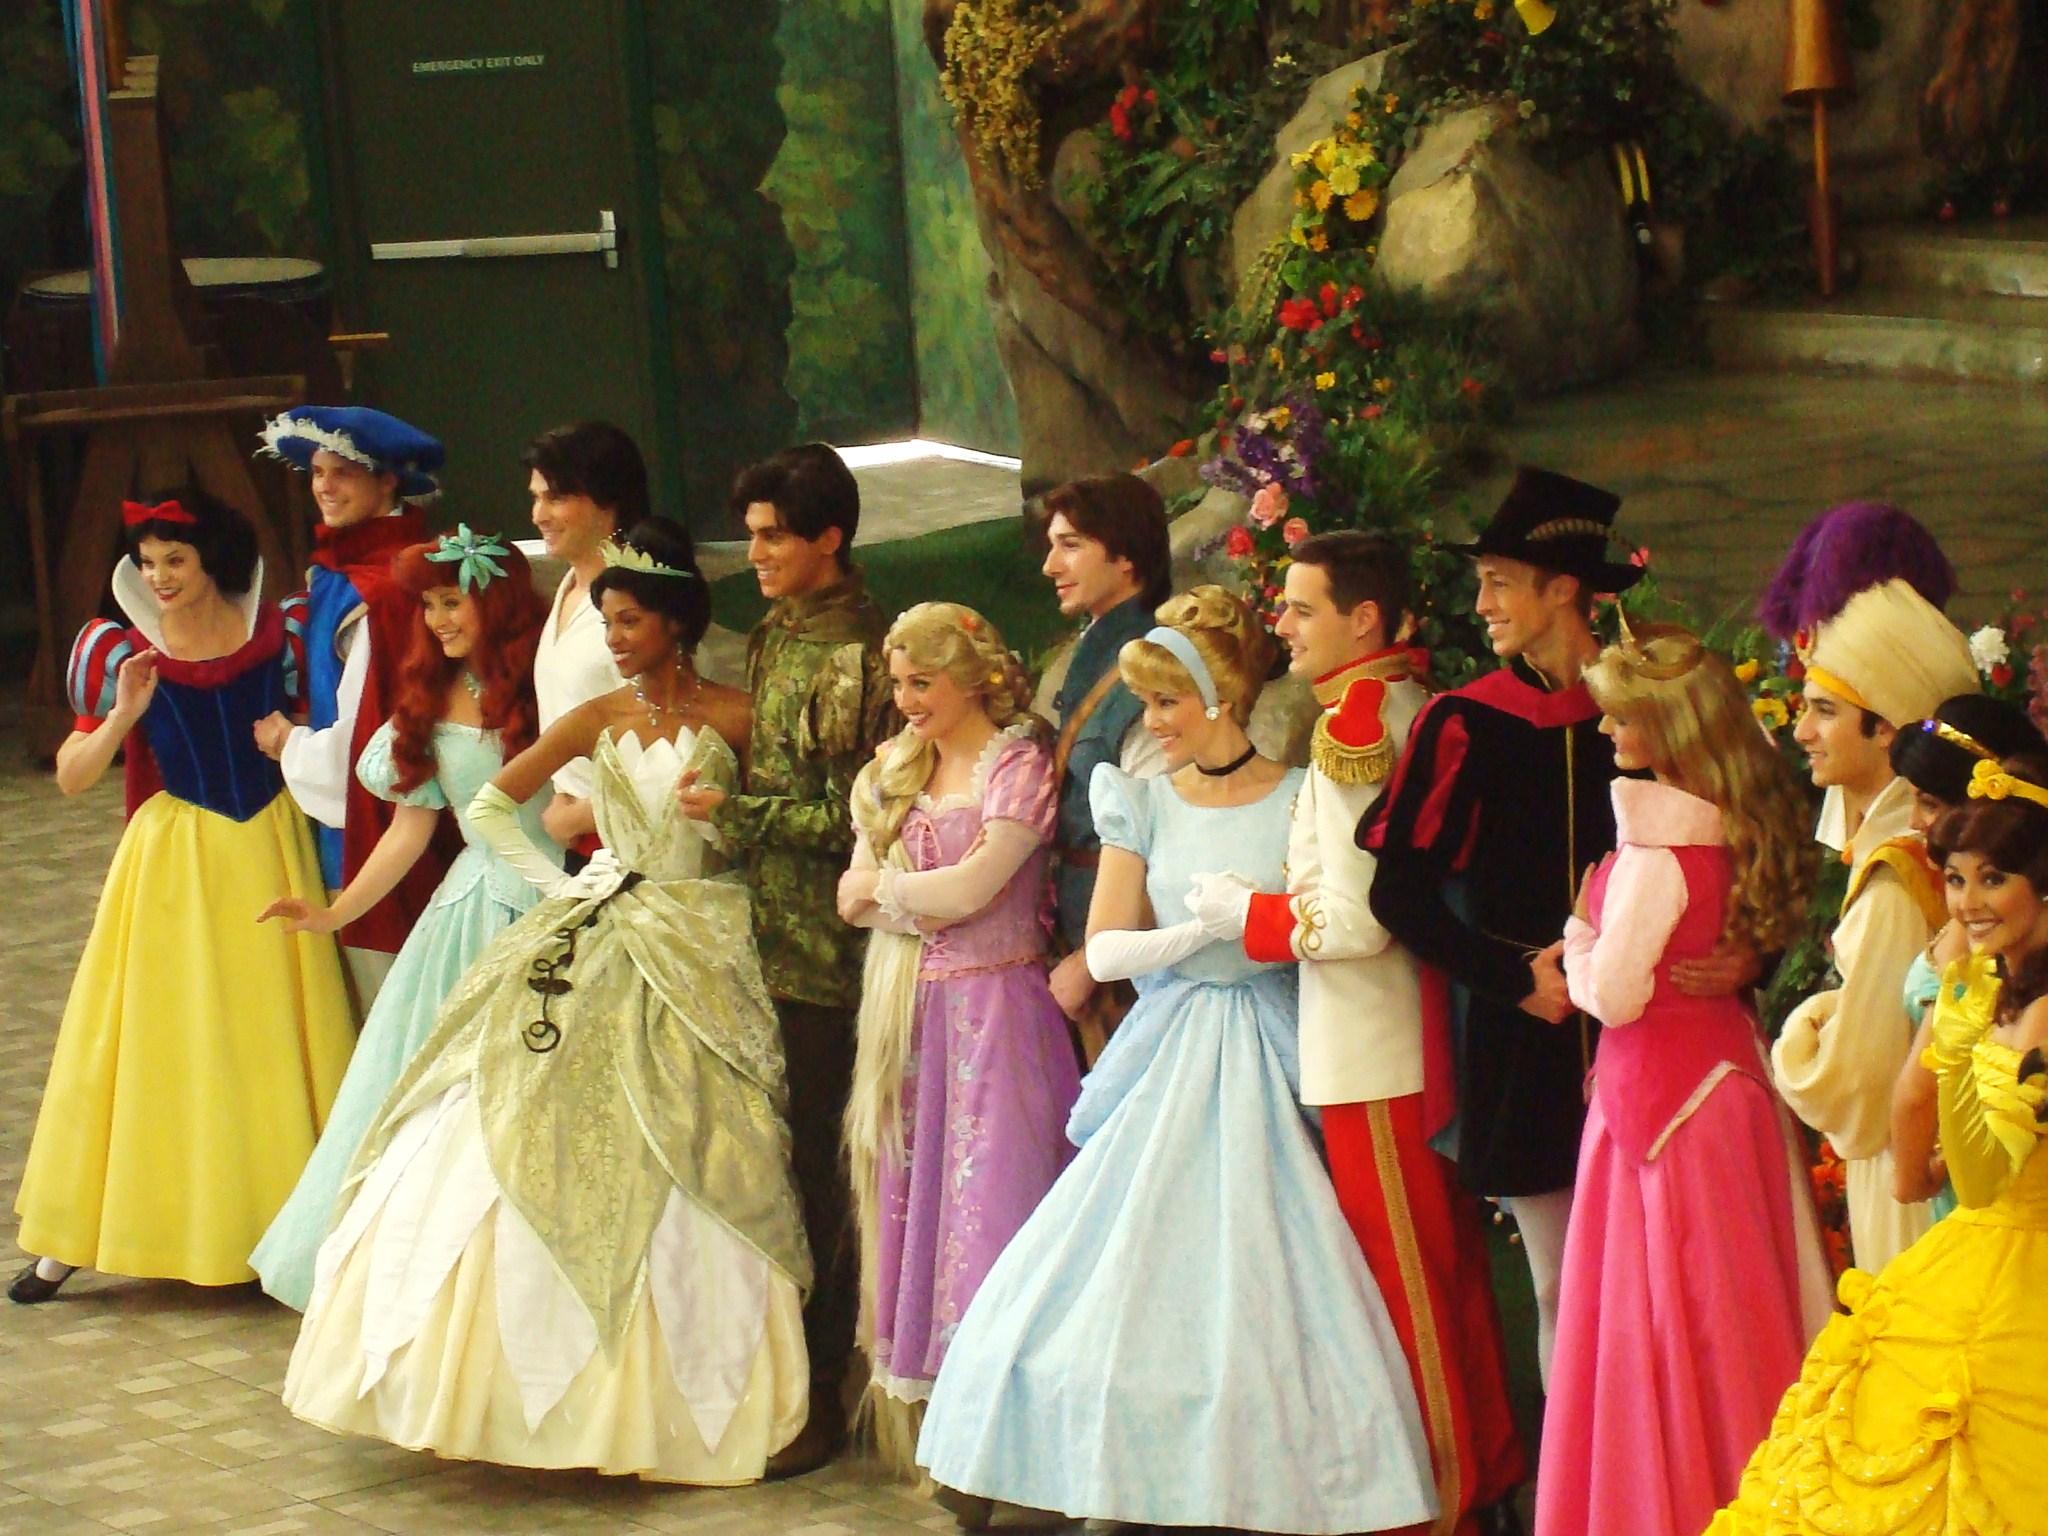 princesas disney, estereotipos en los disfraces, estereotipos en los cuentos, estereotipos de género